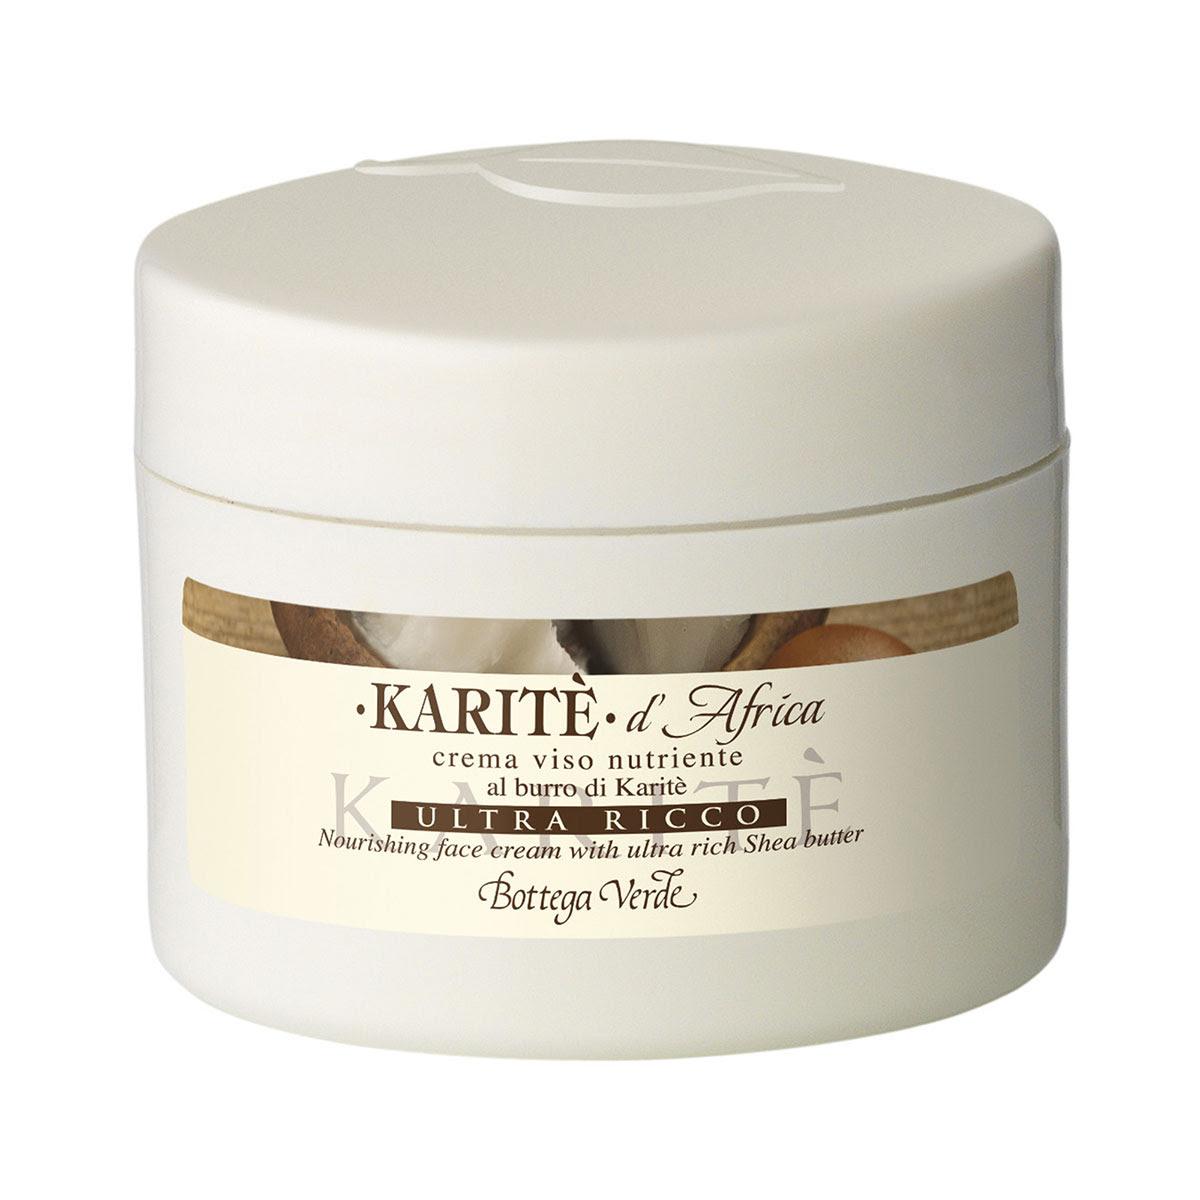 Karitè d'Africa - Crema viso nutriente al burro di Karitè ultra ricco (50 ml)